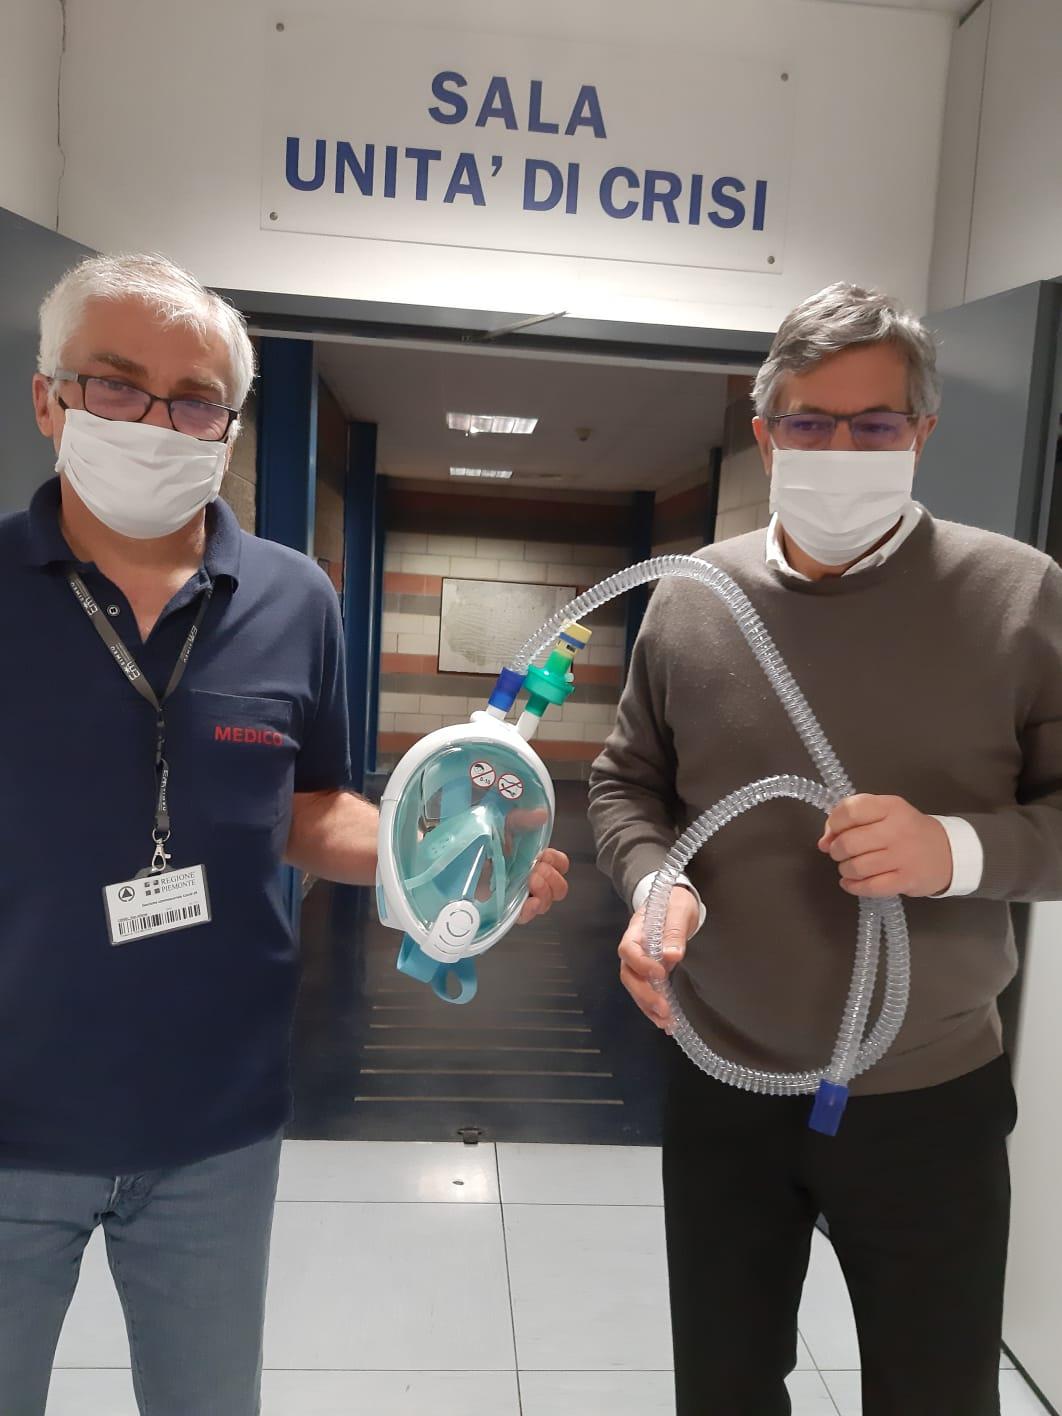 Coronavirus Piemonte: distribuite negli ospedali mille maschere Decathlon adattate per le terapie respiratorie